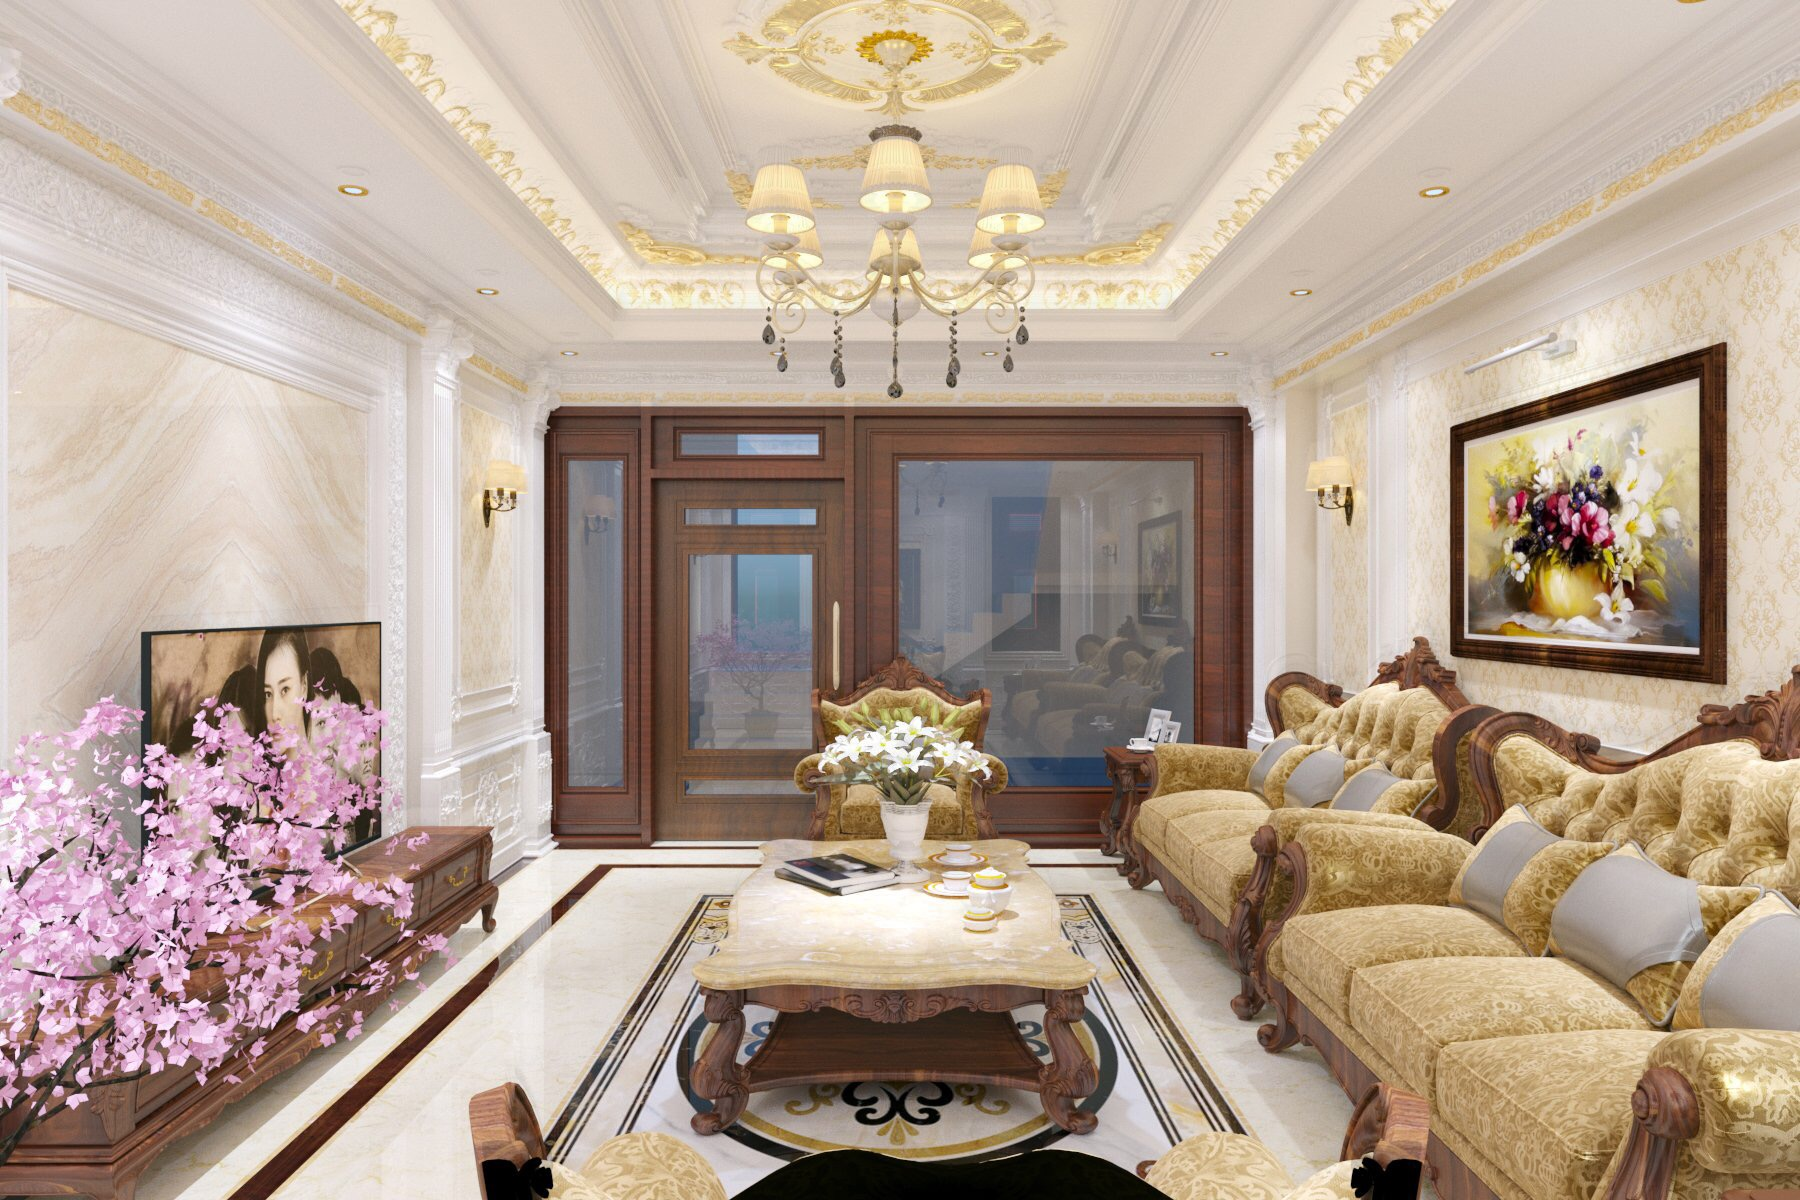 thiết kế nội thất Nhà Mặt Phố tại Bắc Giang Phòng khách cuối năm 2 1549032264